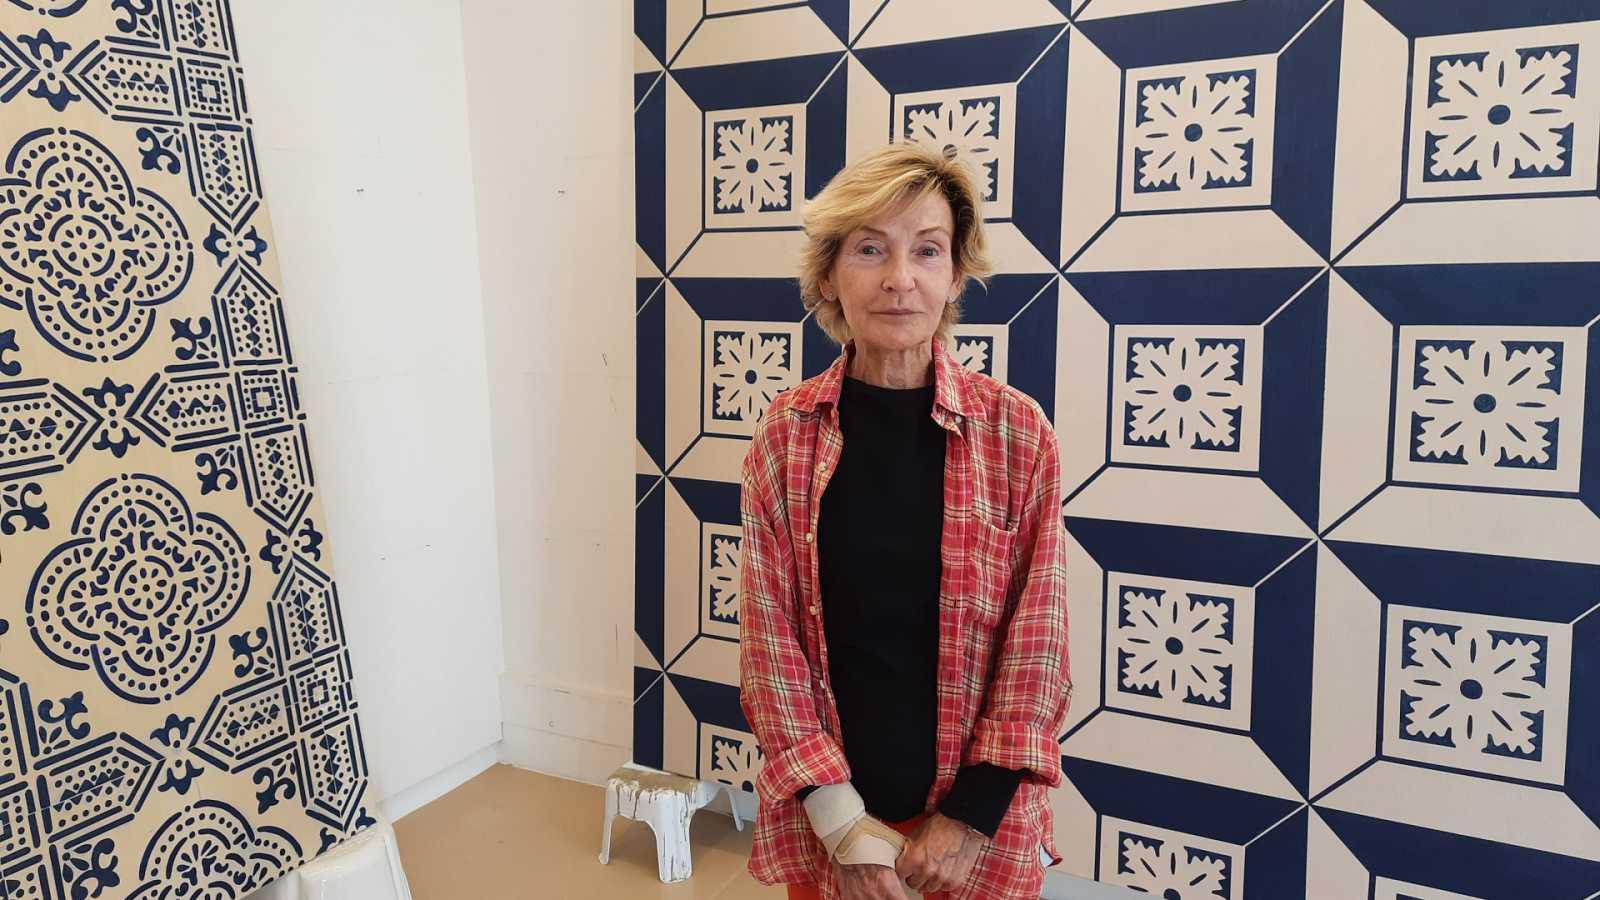 El gallo que no cesa - Femenino singular: Soledad Sevilla, vocación por la pintura - Escuchar ahora